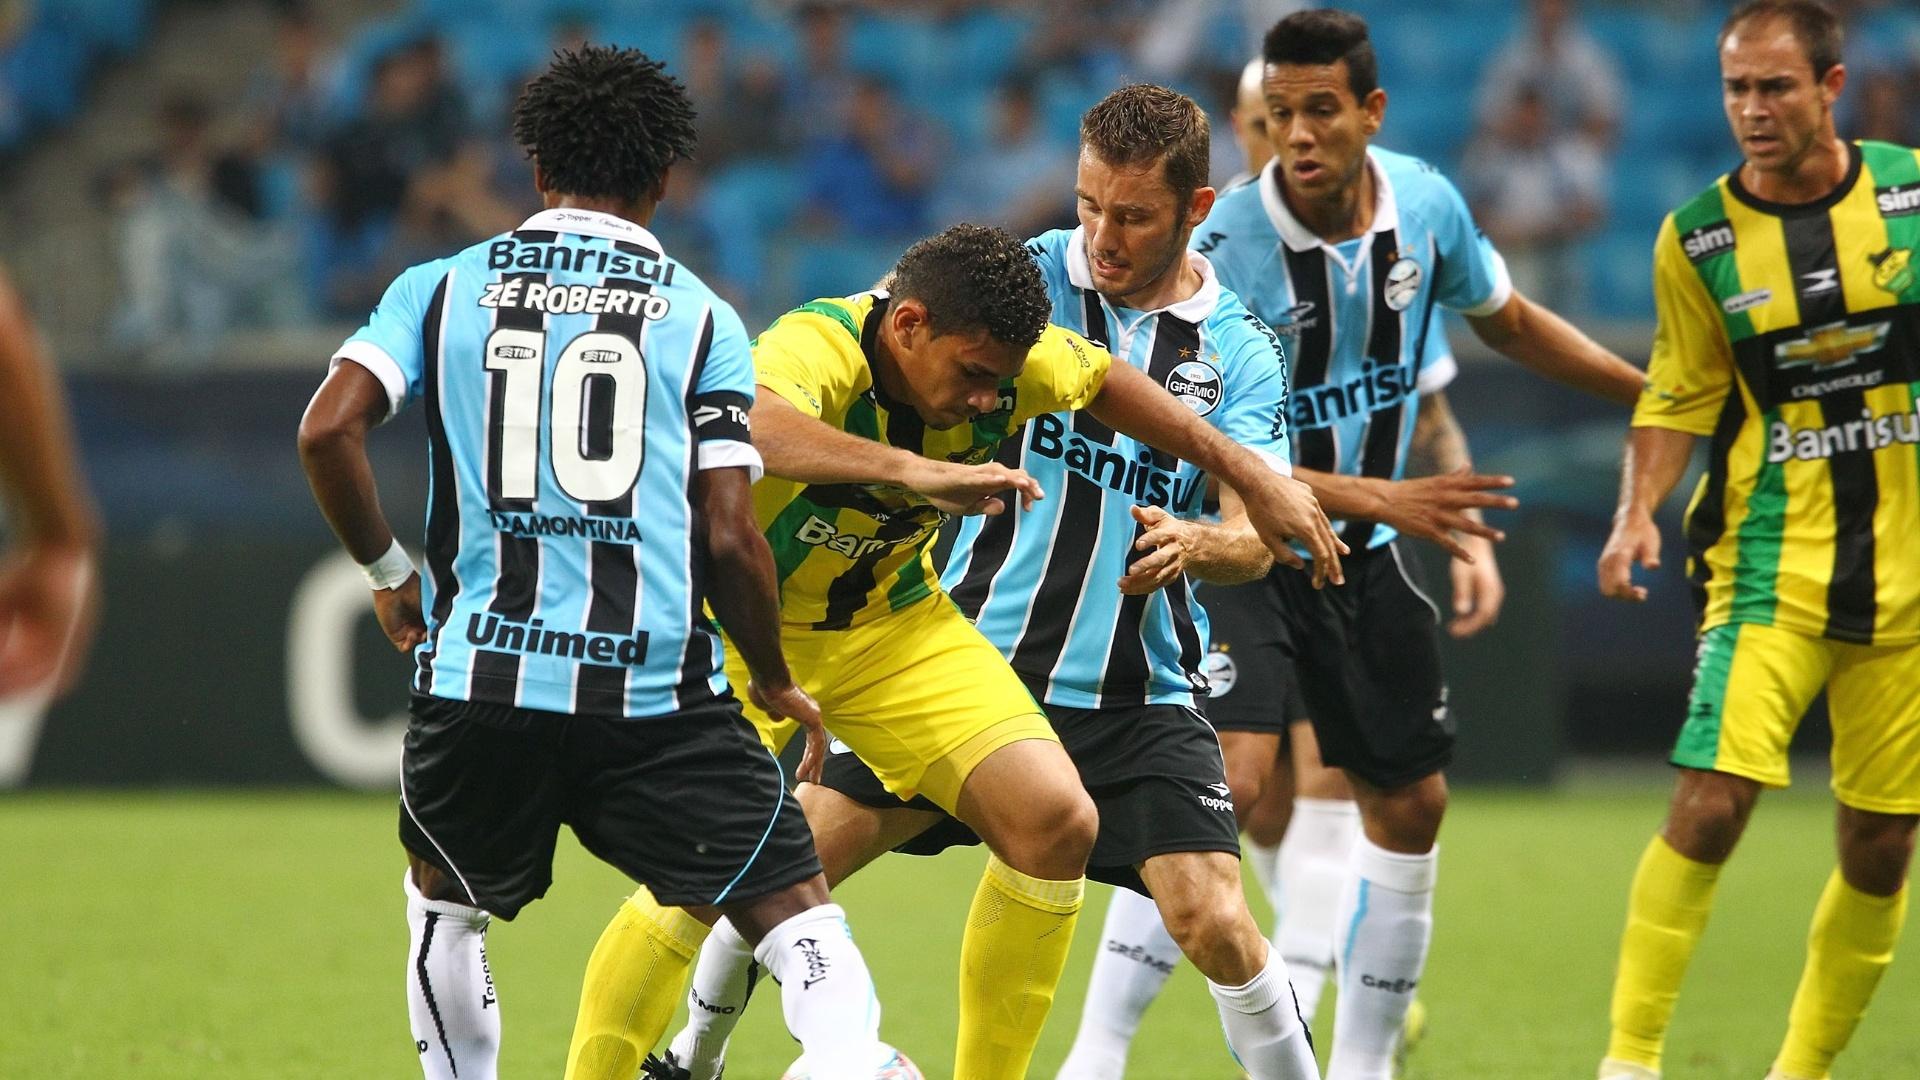 06.abr.2013 - Meia Zé Roberto (10), do Grêmio, se dedica à marcação durante a partida contra o Cerâmica, pelo Campeonato Gaúcho